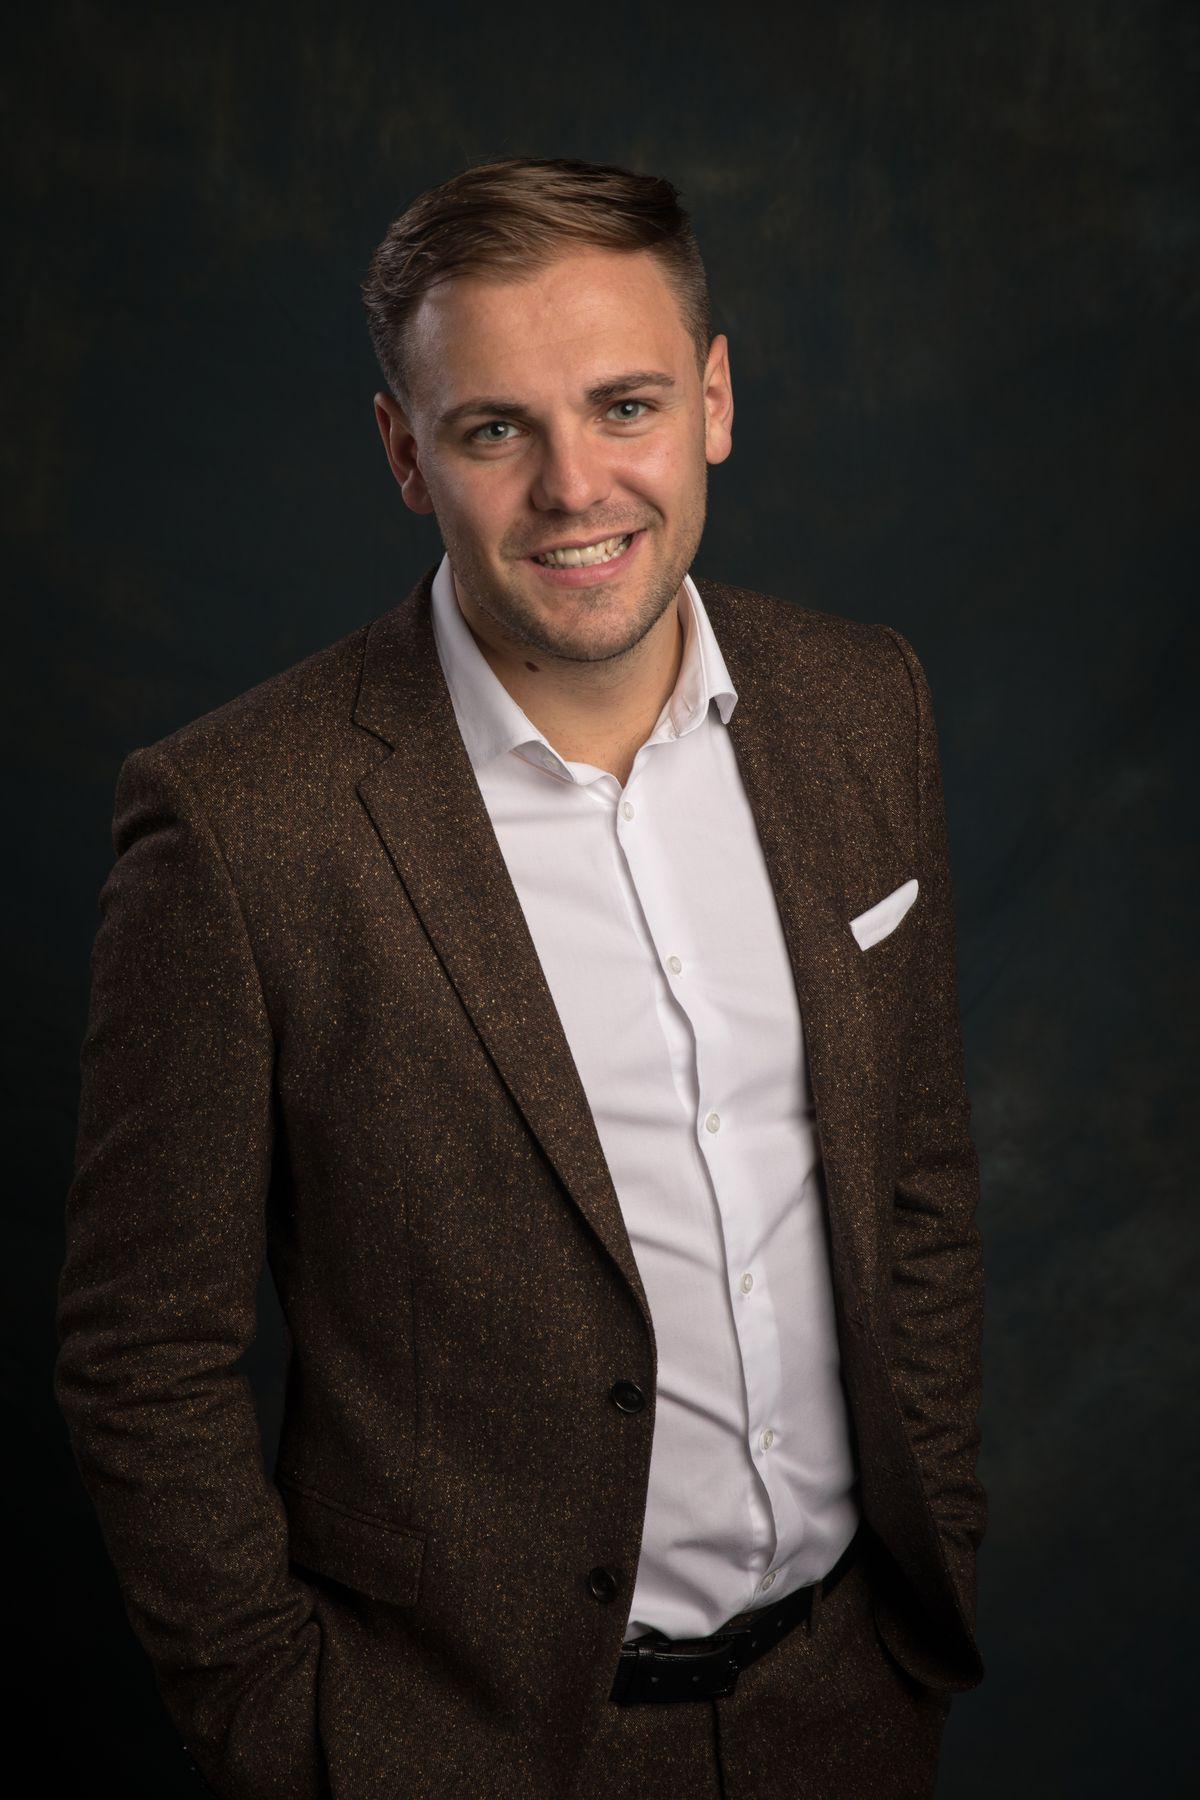 Lewis Alex Smith